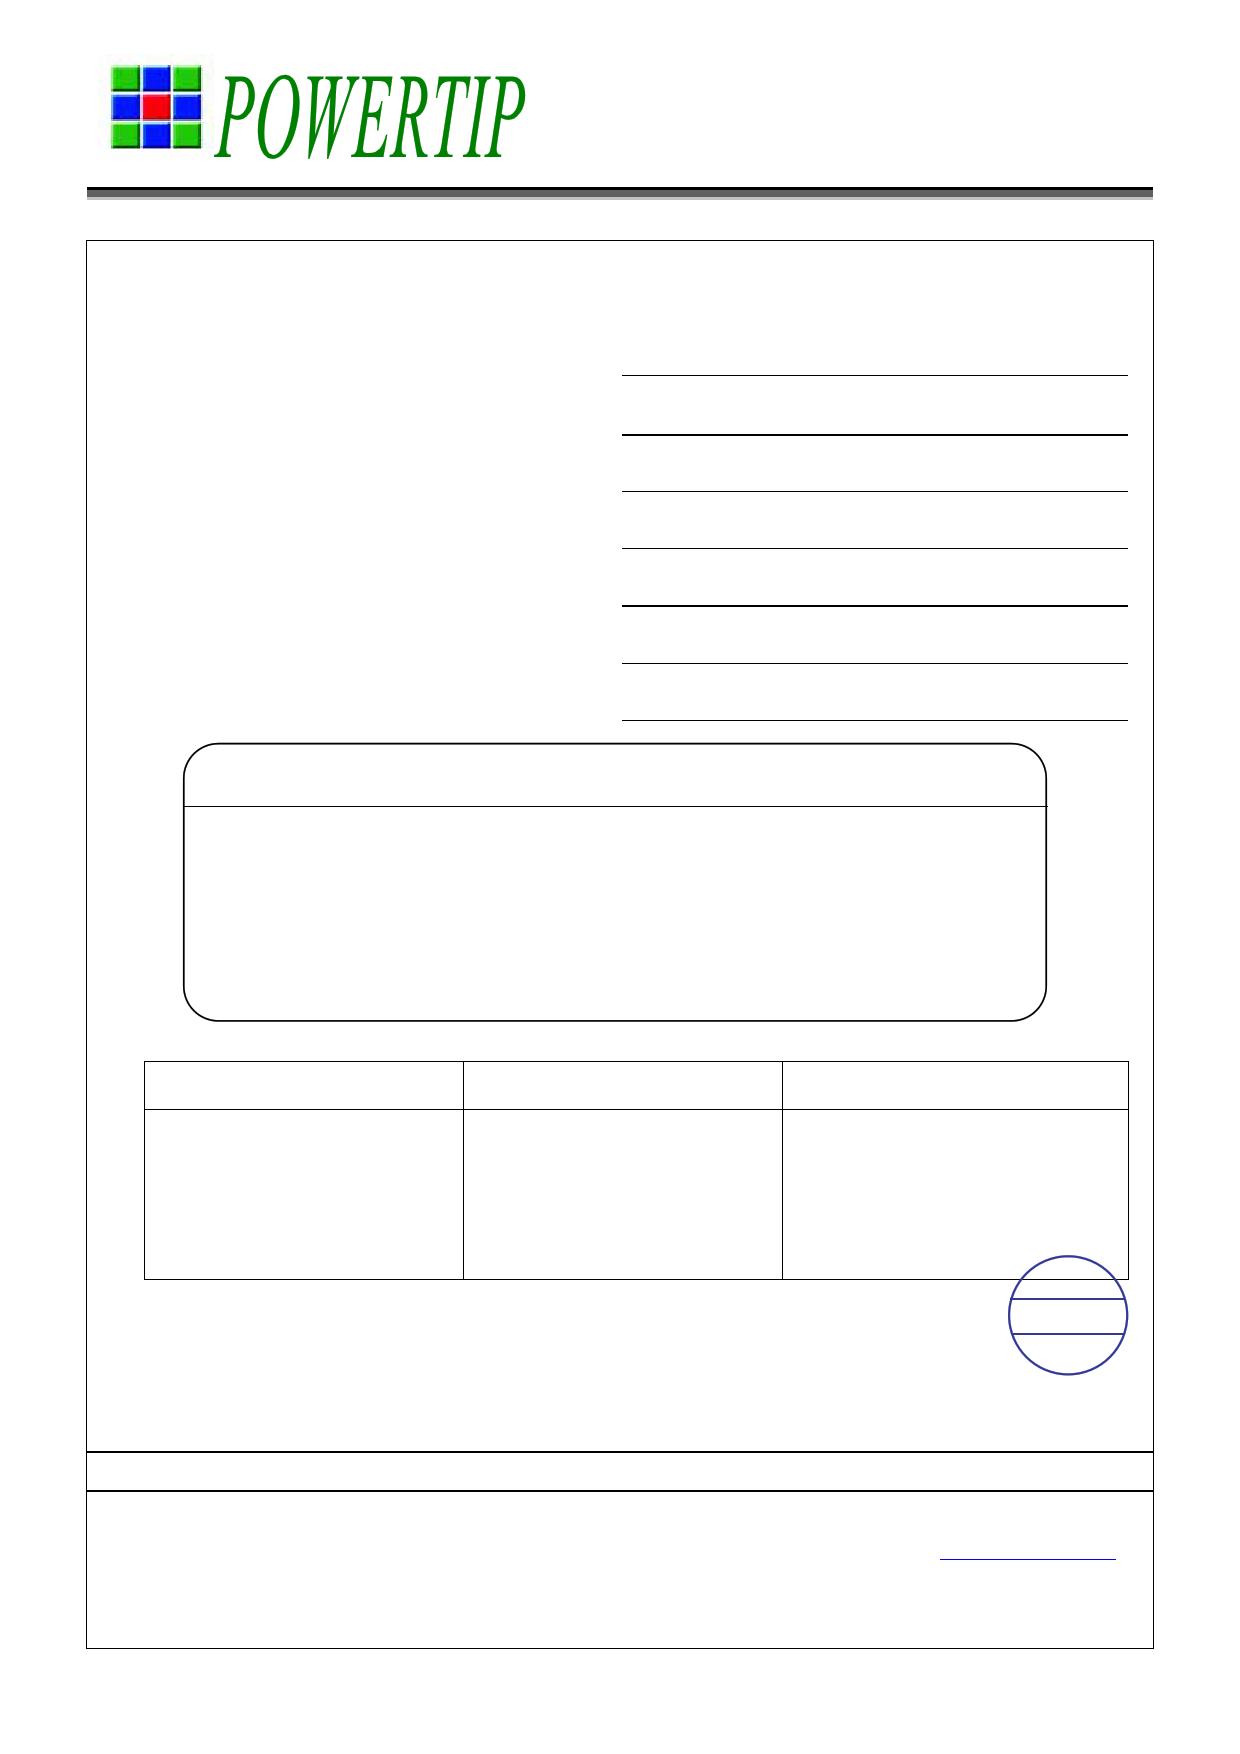 PE240128WRF-001-HC1Q 데이터시트 및 PE240128WRF-001-HC1Q PDF